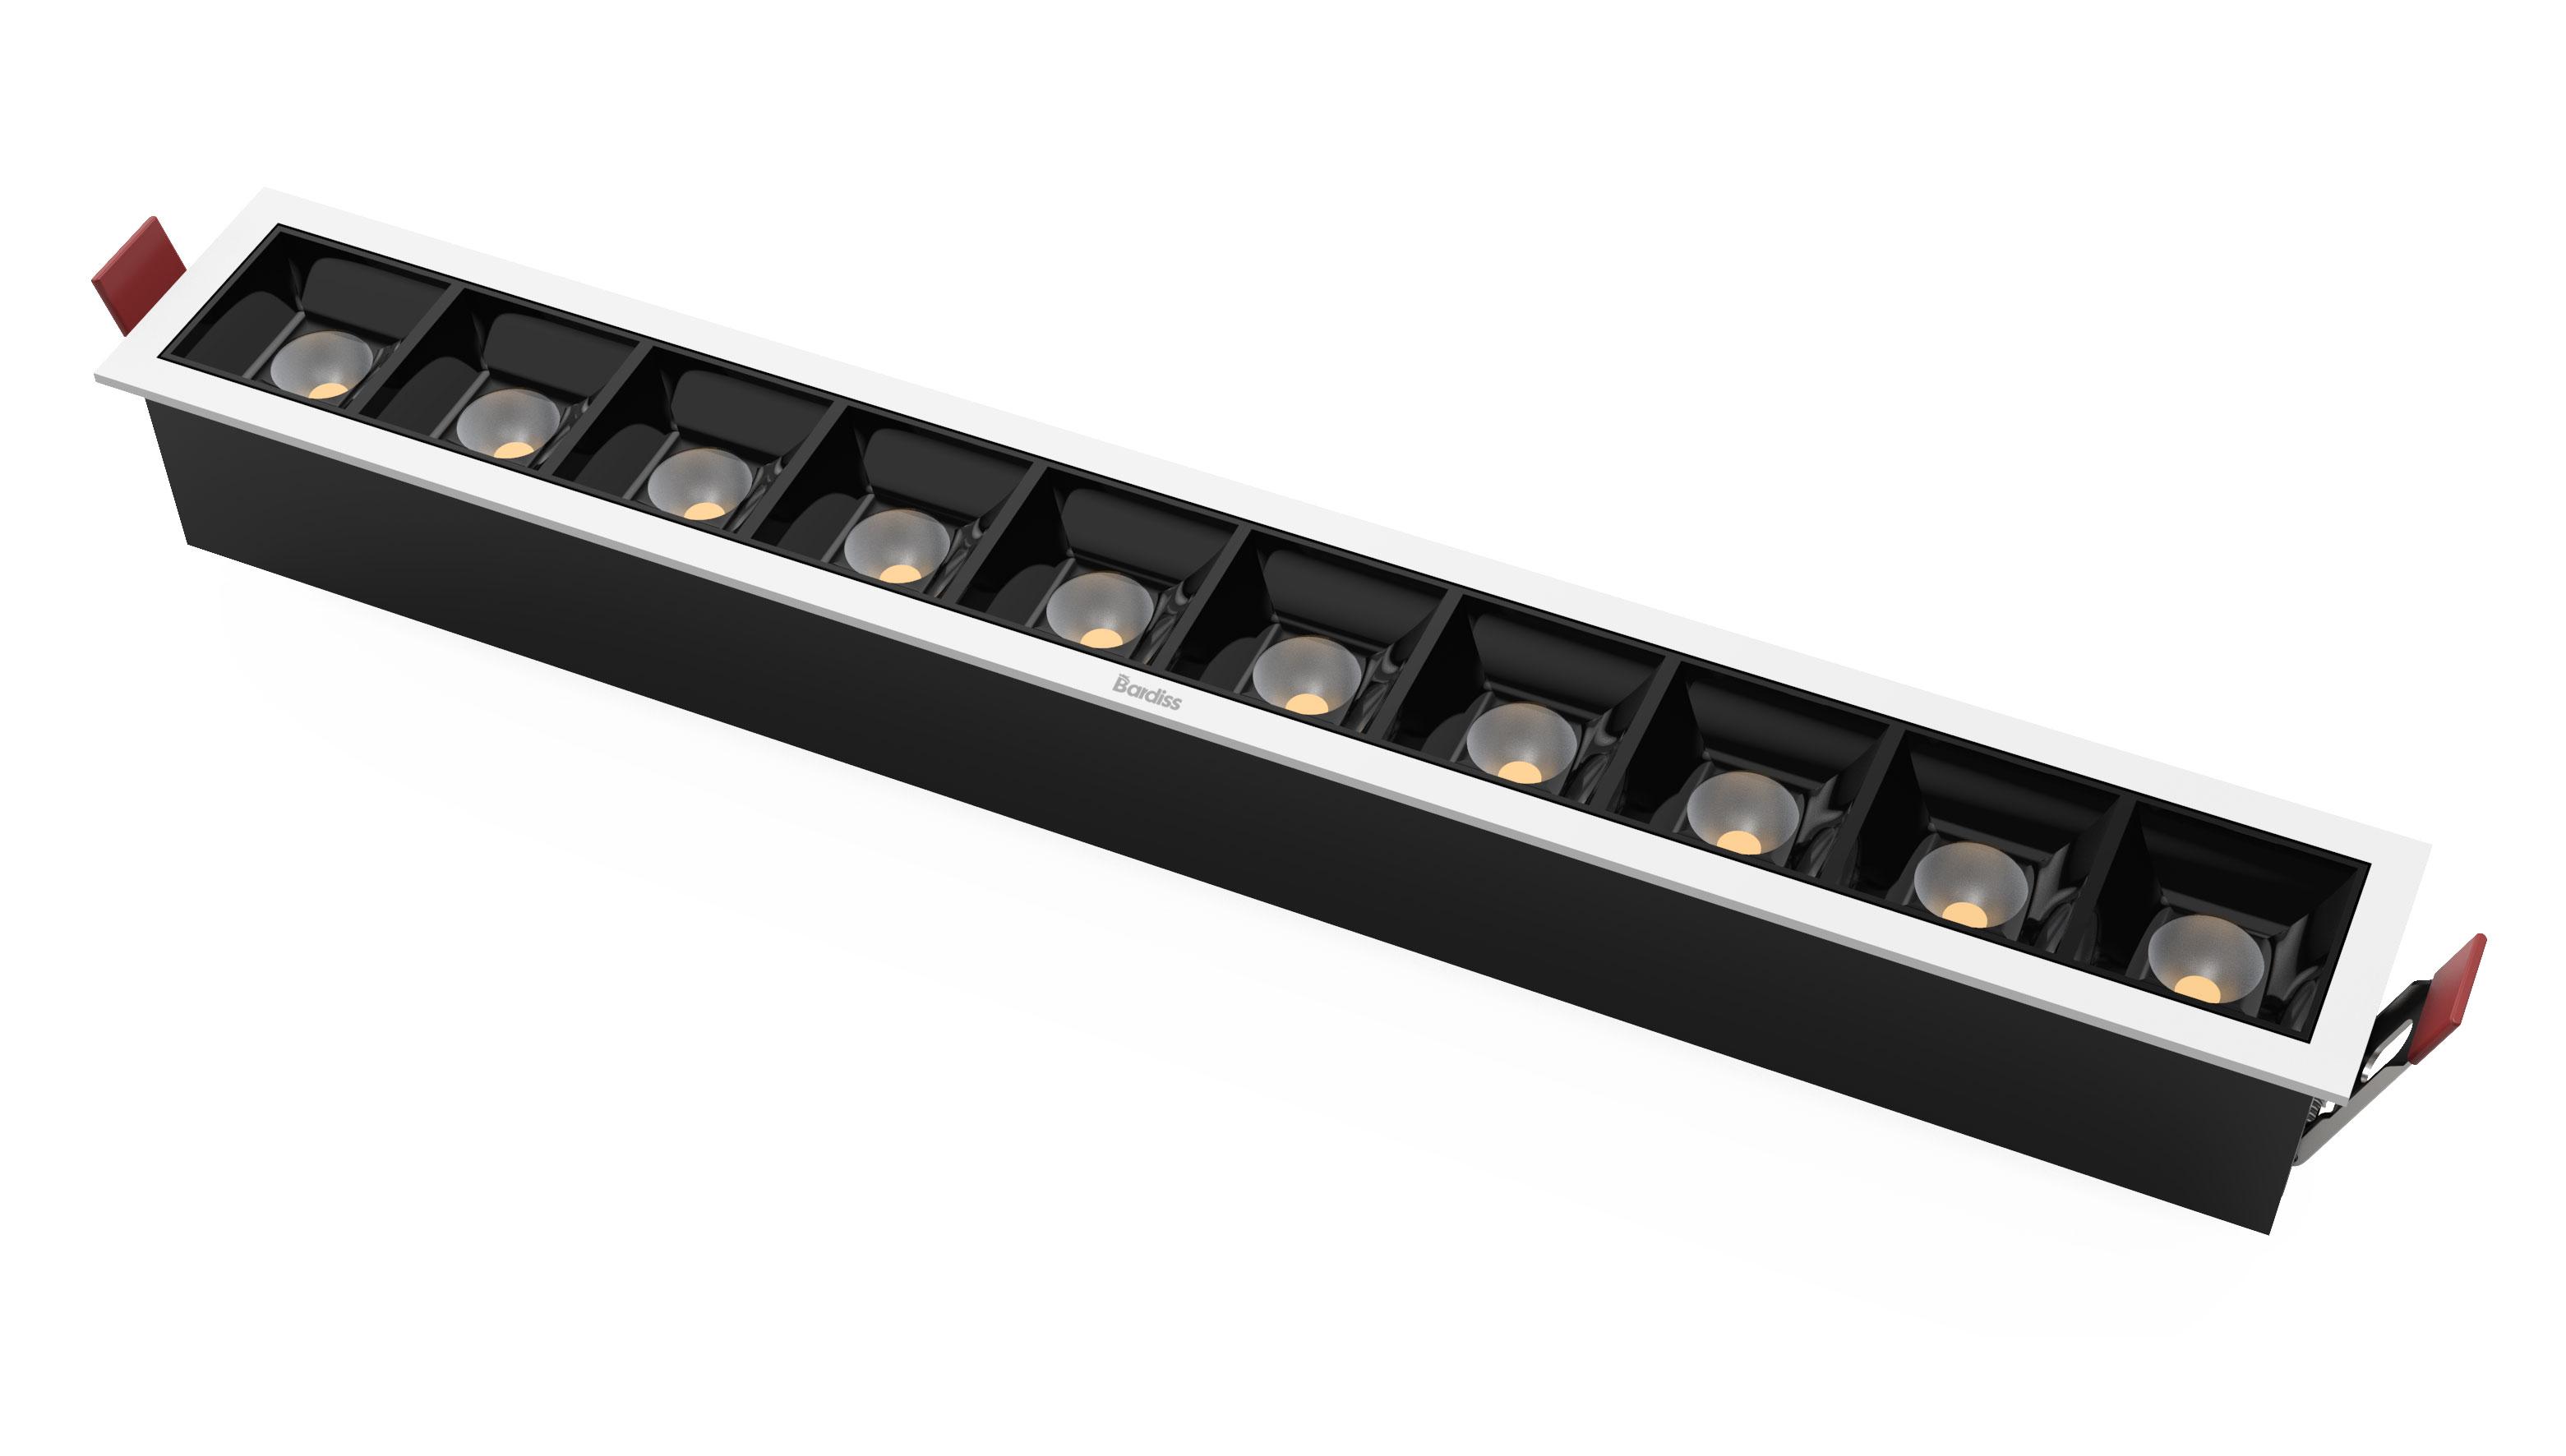 集成吊顶单照明10*2W防眩线灯(黑色/金色)效果图